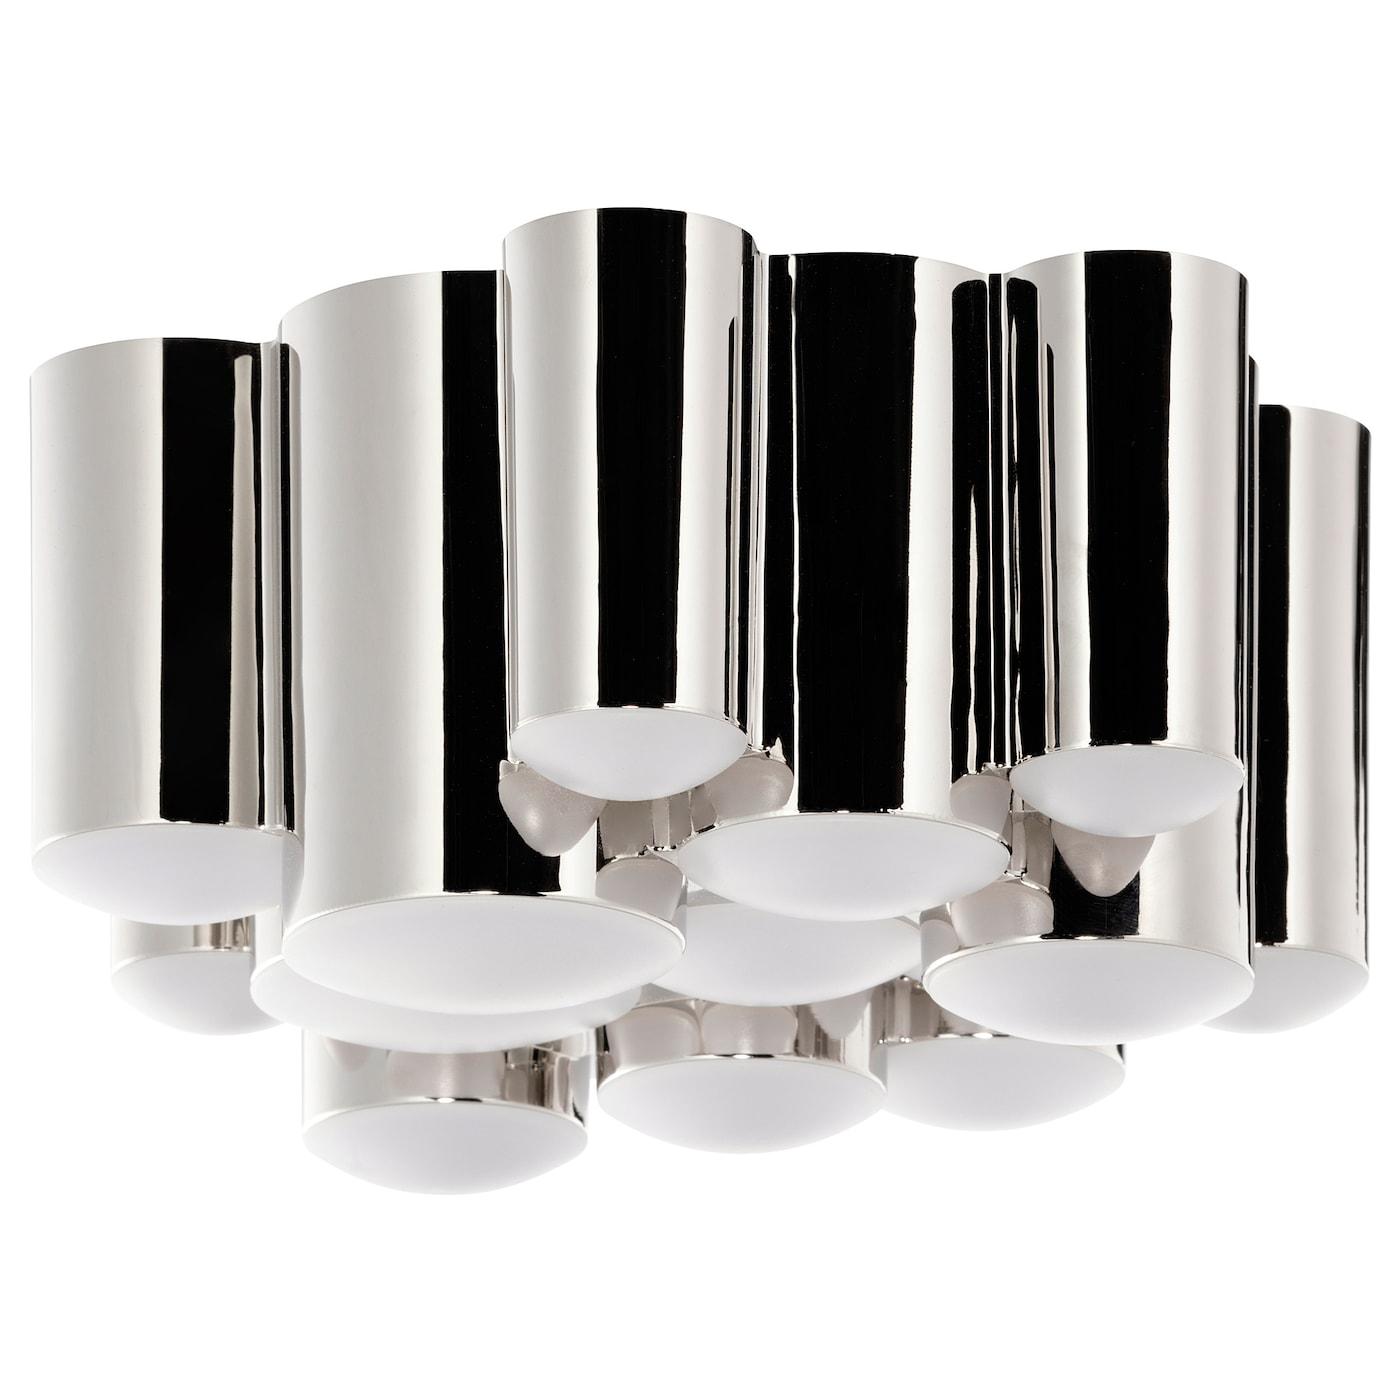 Luminaire Eclairage Salle De Bain Ikea